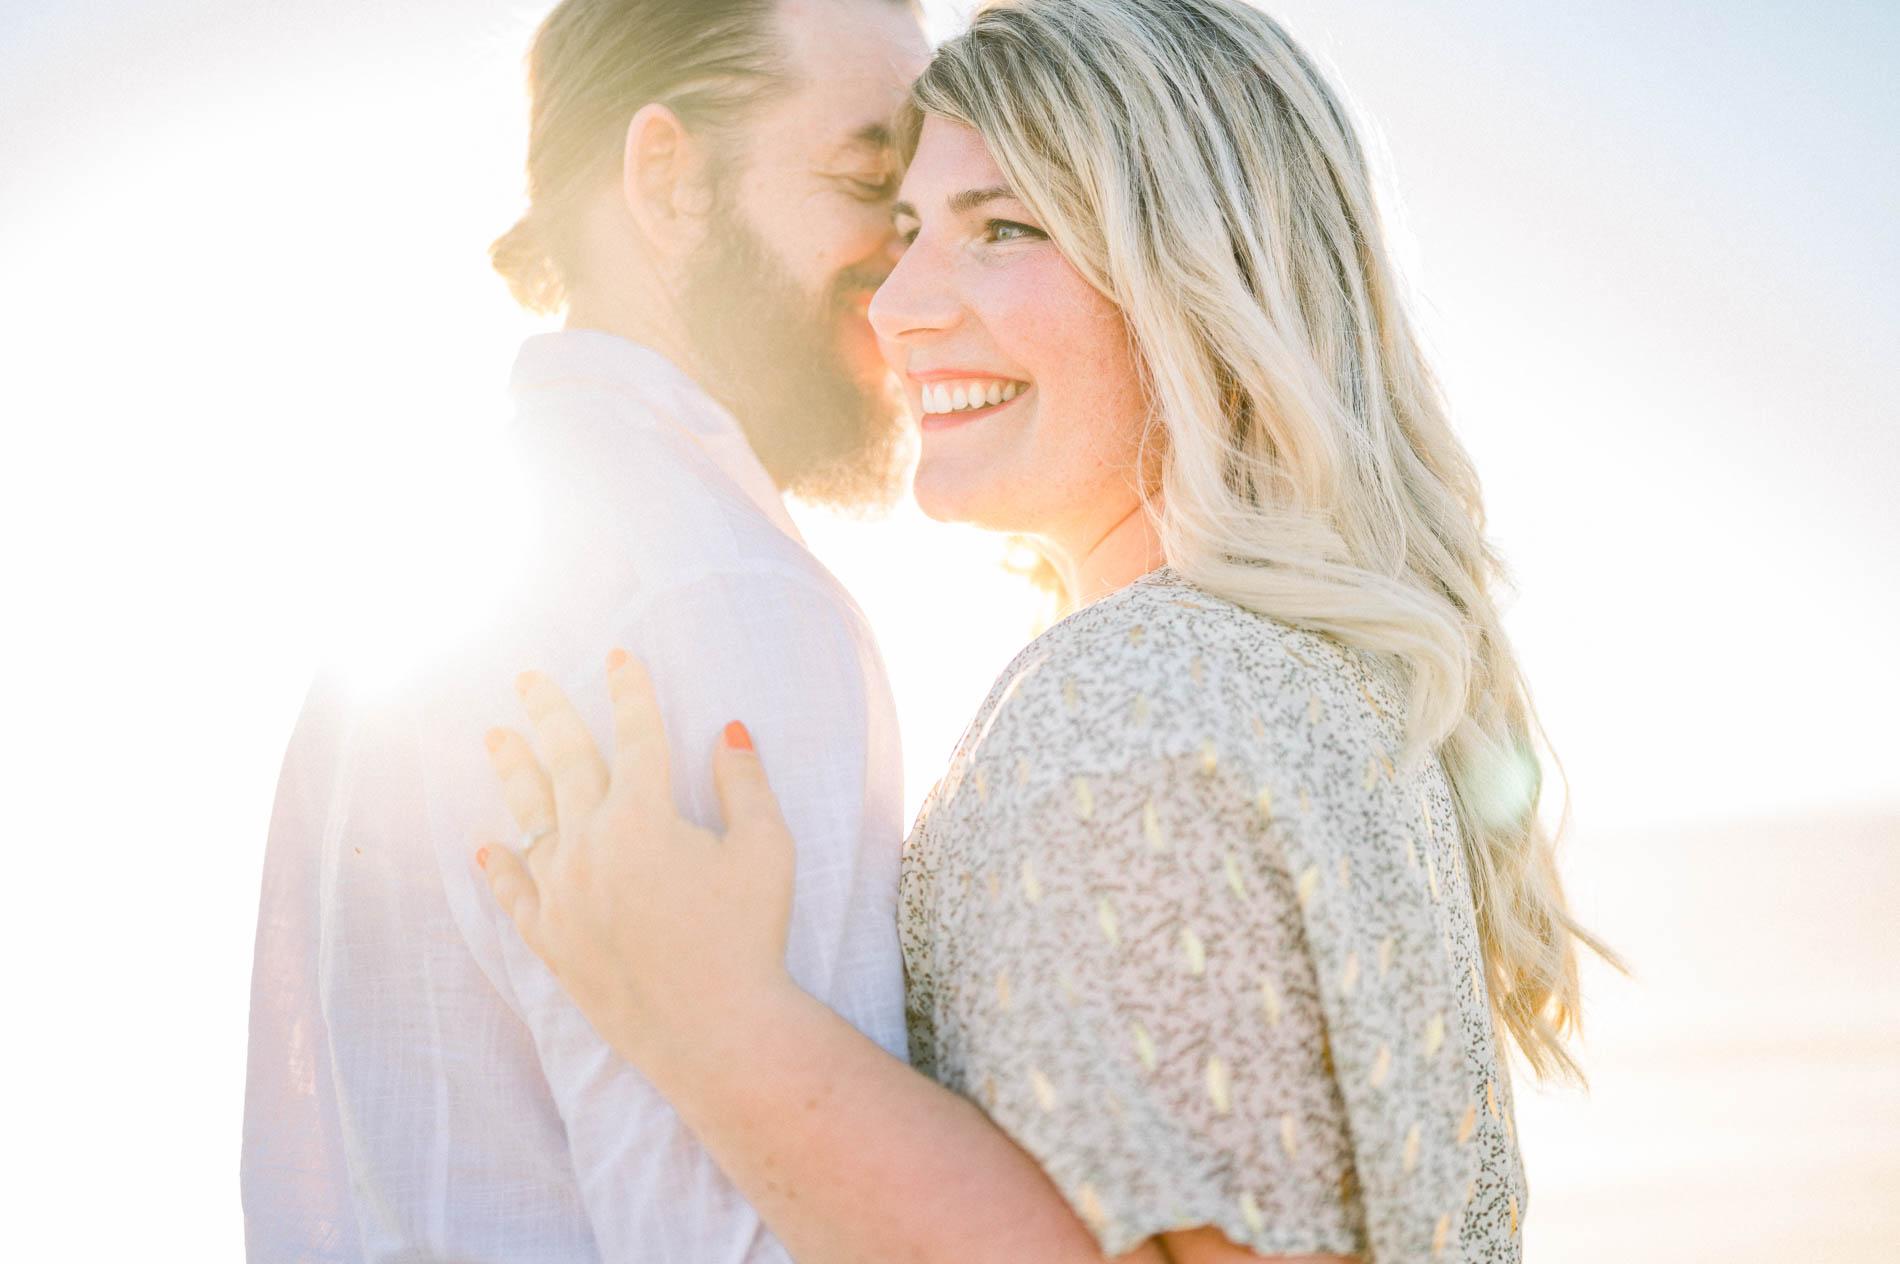 Quelles idées originales pour réussir une demande en mariage?